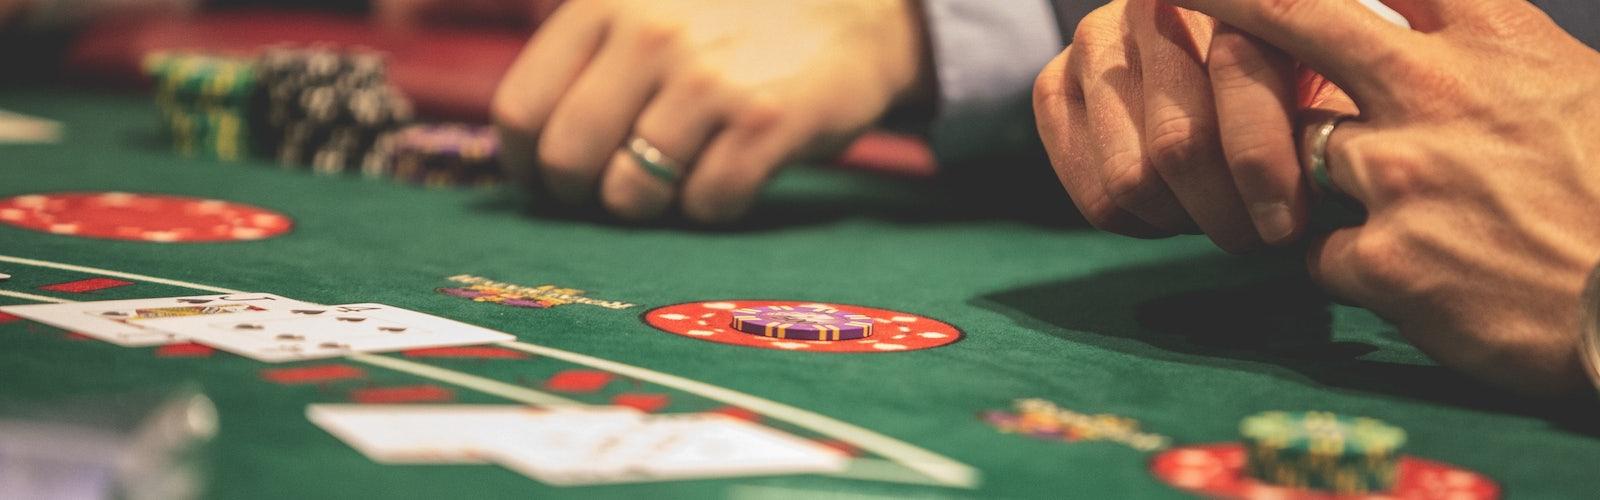 Vergleich Online Casino